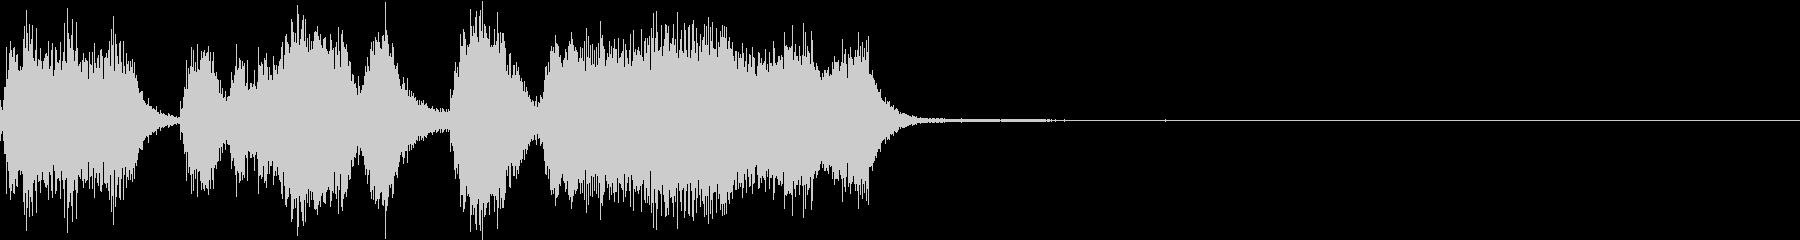 シンプル ファンファーレ 成功 完成 Dの未再生の波形